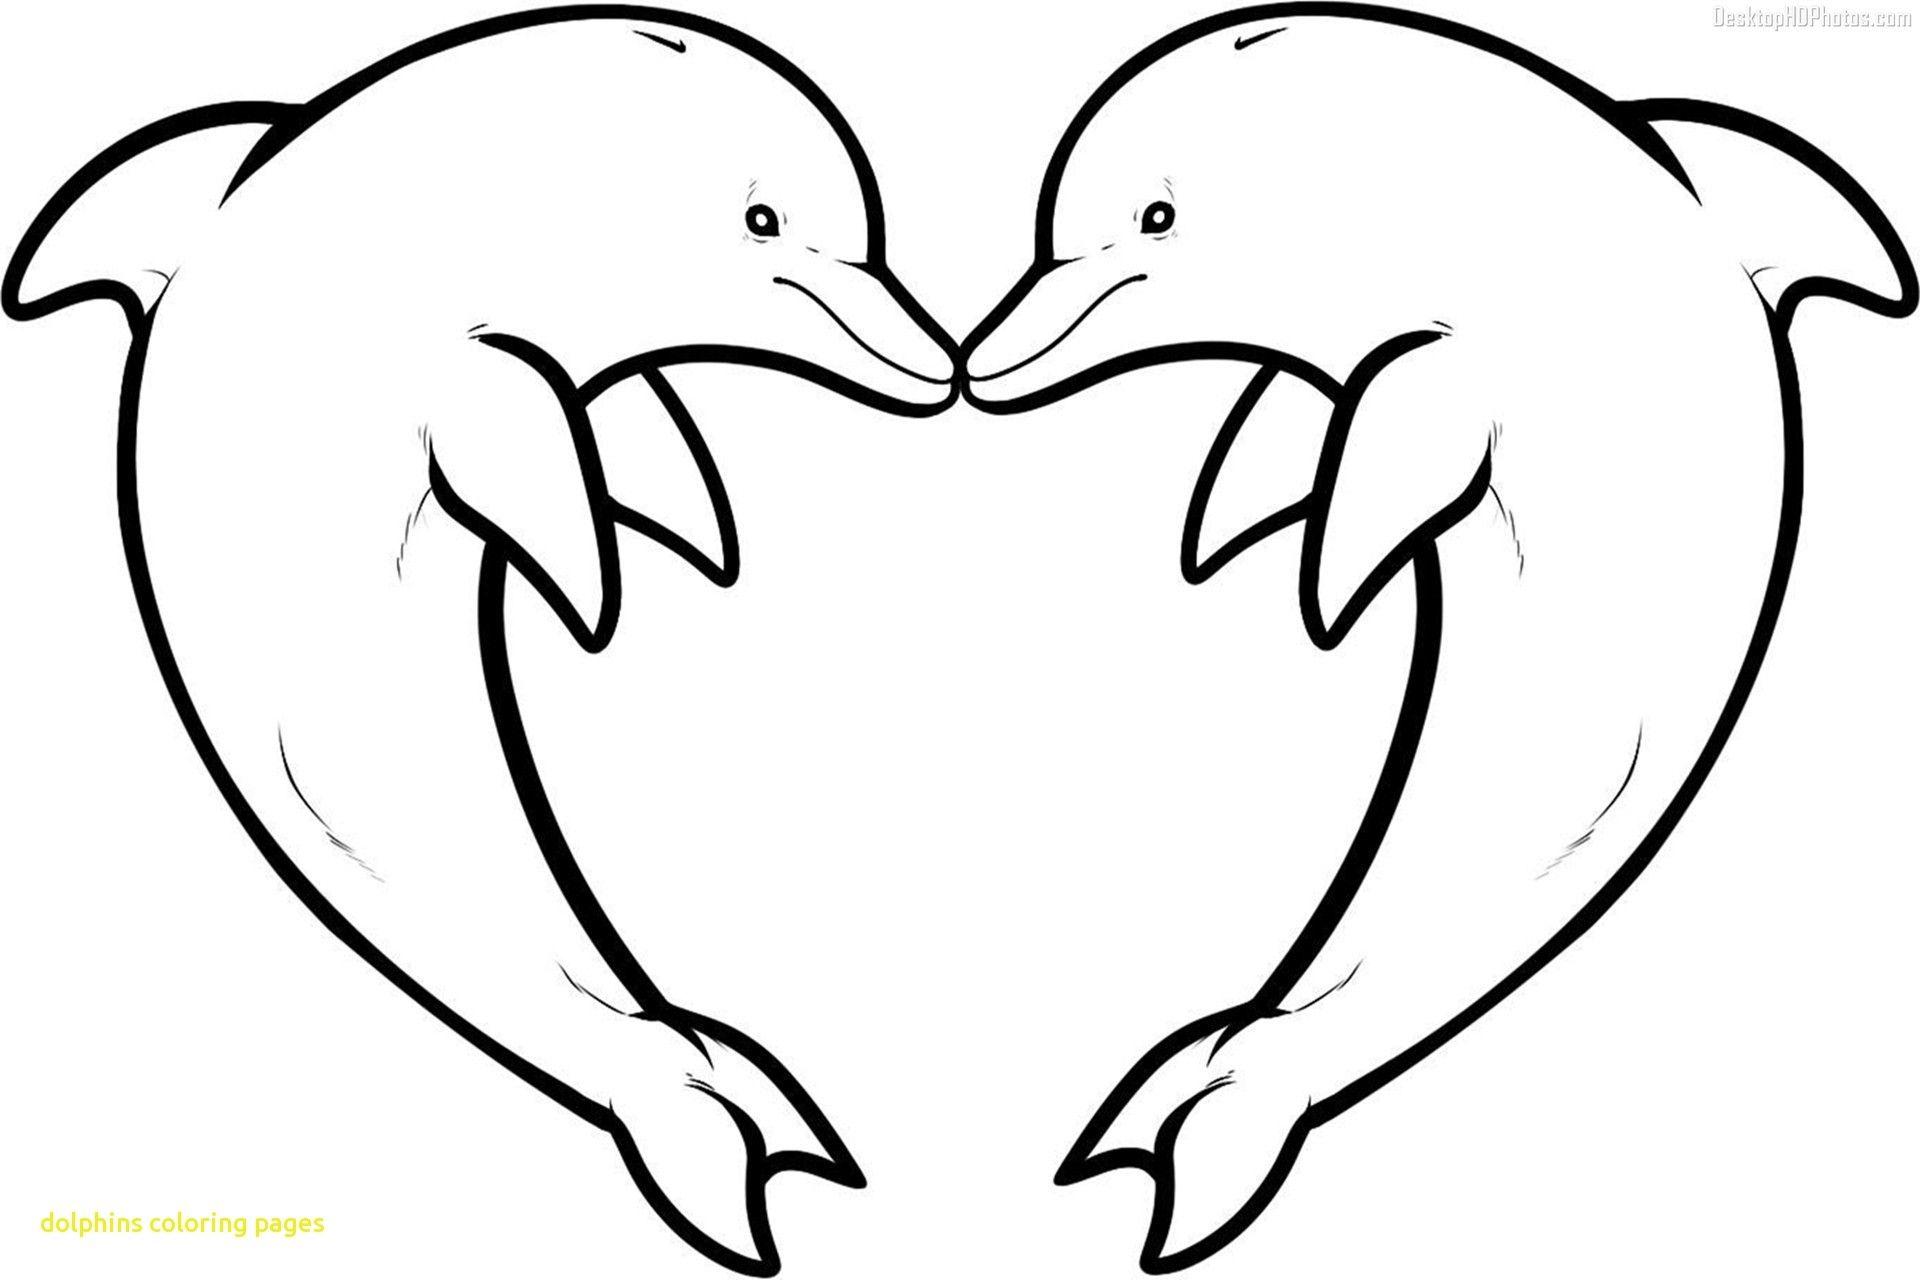 Charming Ideas Dolphin Coloring Page Realistic Baby Dolphin Coloring Pages Fiscalreform Hart Tekening Kleurplaten Voor Volwassenen Dingen Om Te Tekenen